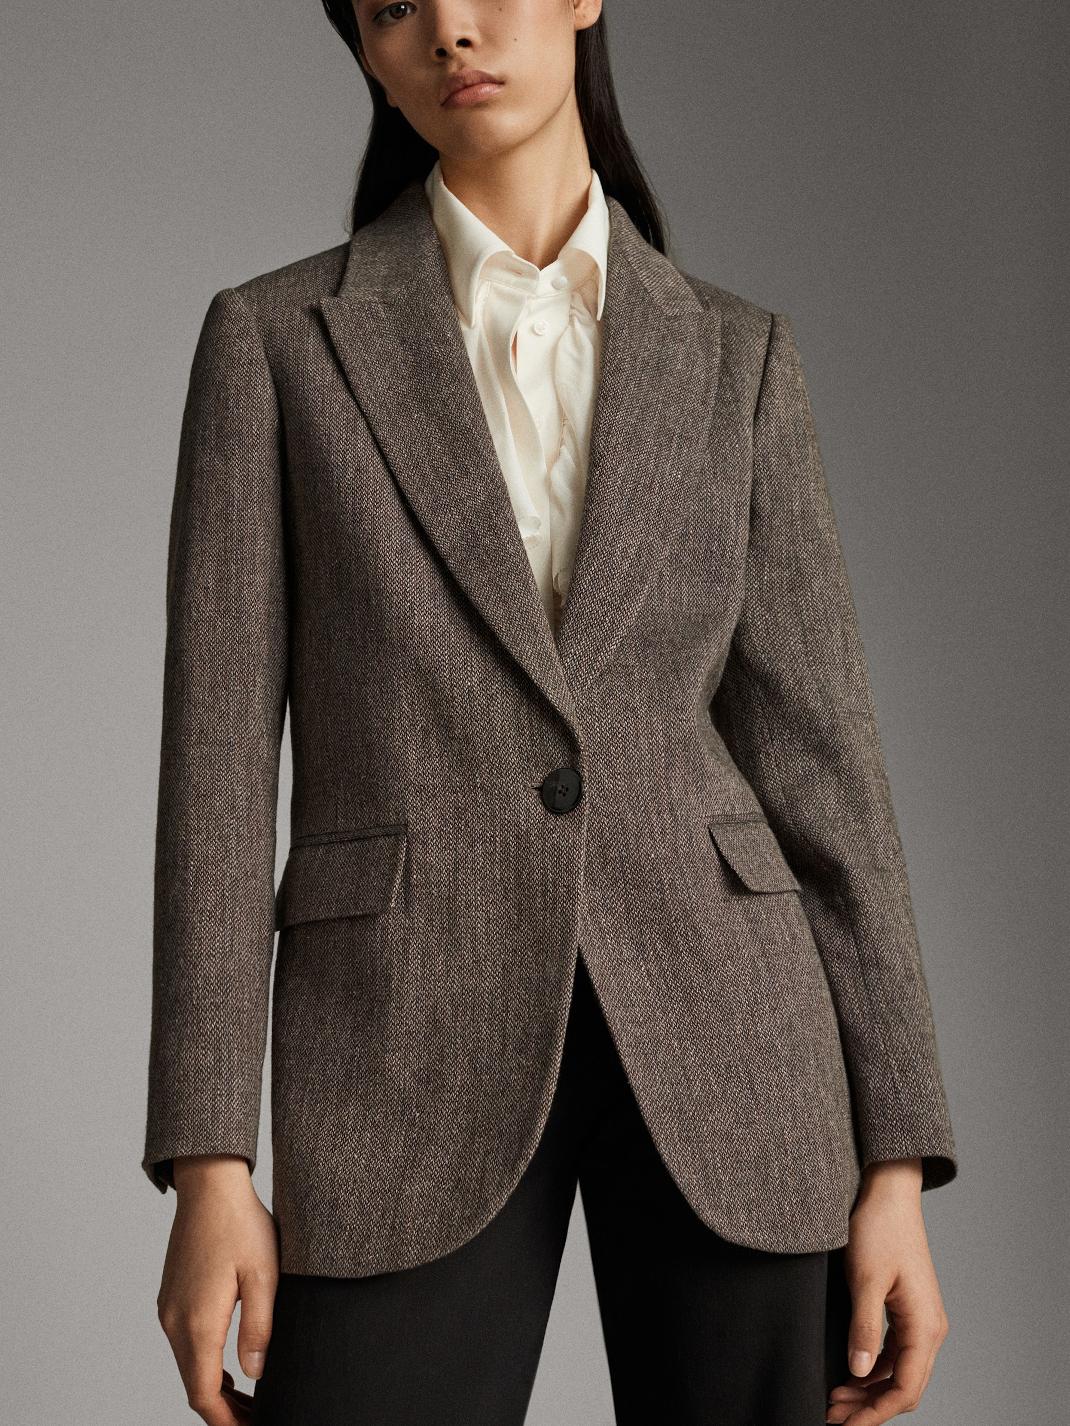 μοντέλο με σακάκι Massimo Dutti